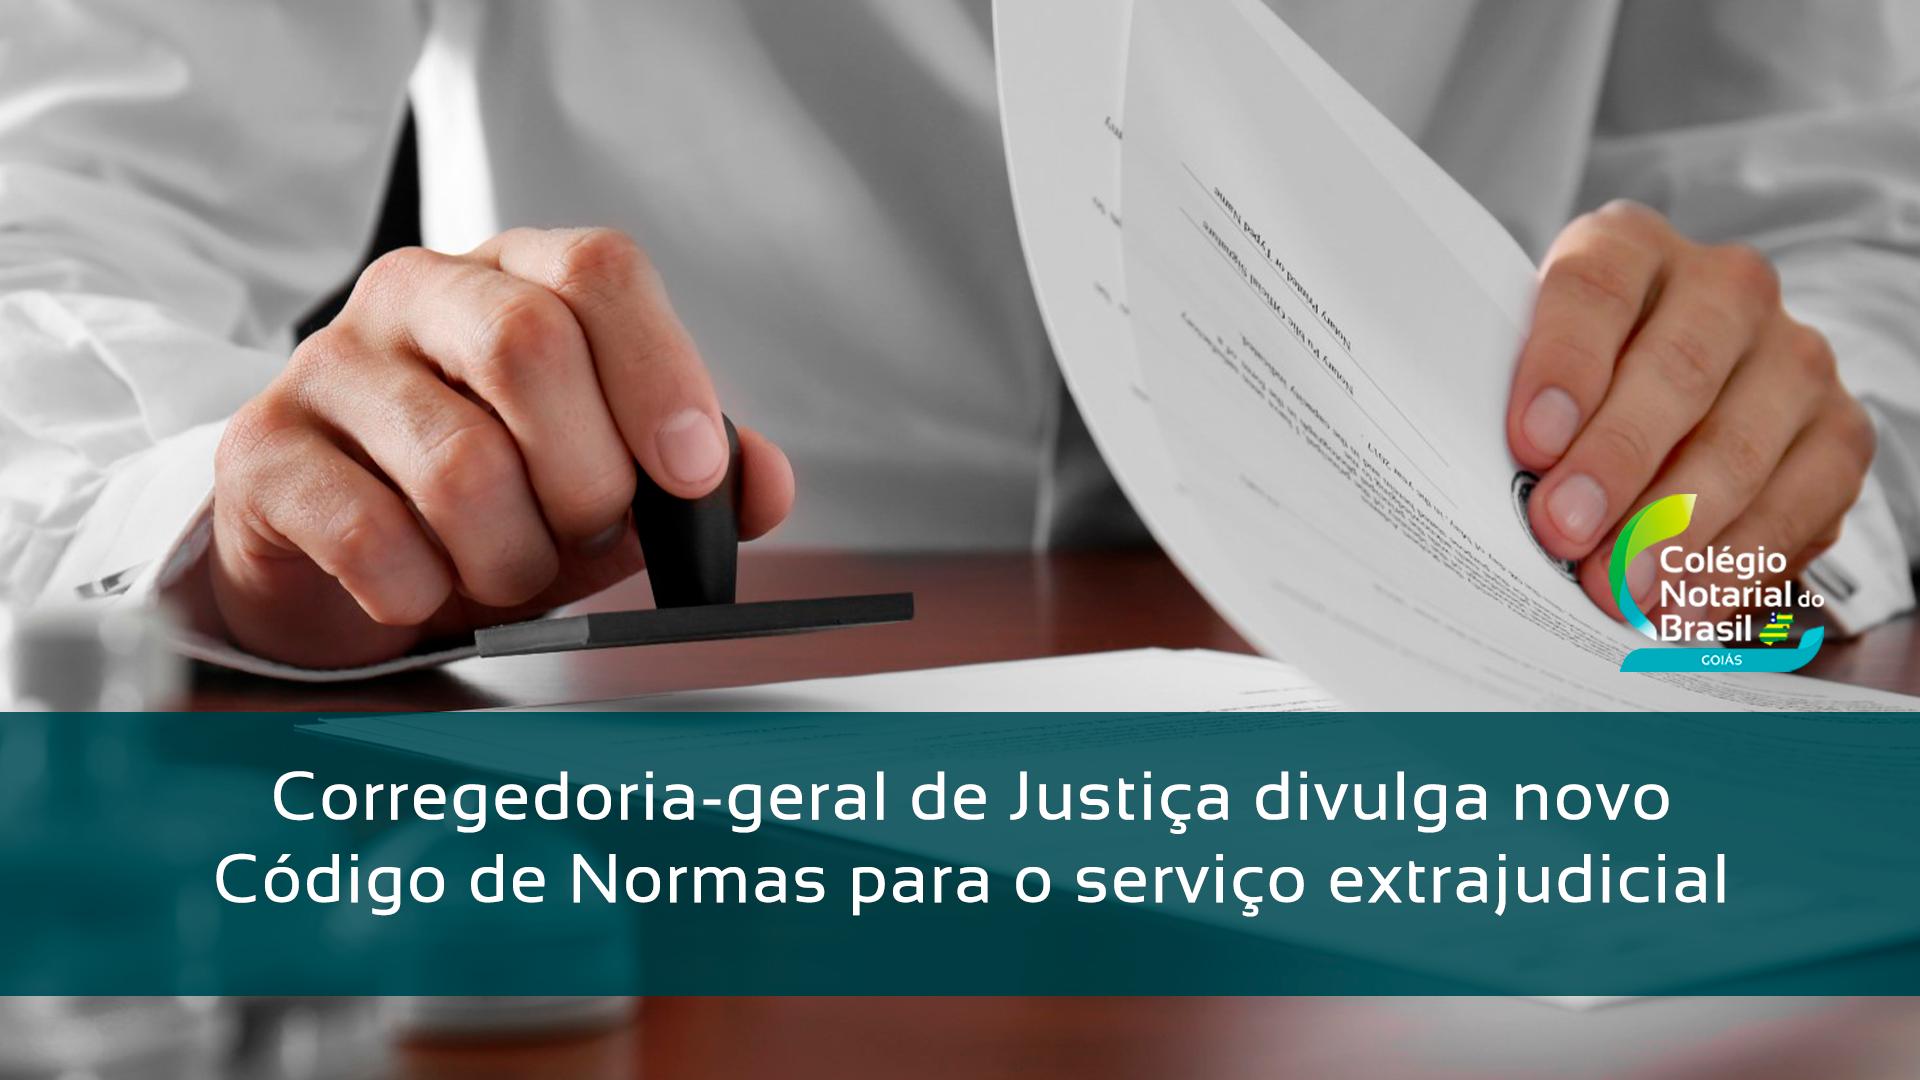 Corregedoria-geral Da Justiça De Goiás Divulga Novo Código De Normas E Procedimentos Do Foro Extrajudicial